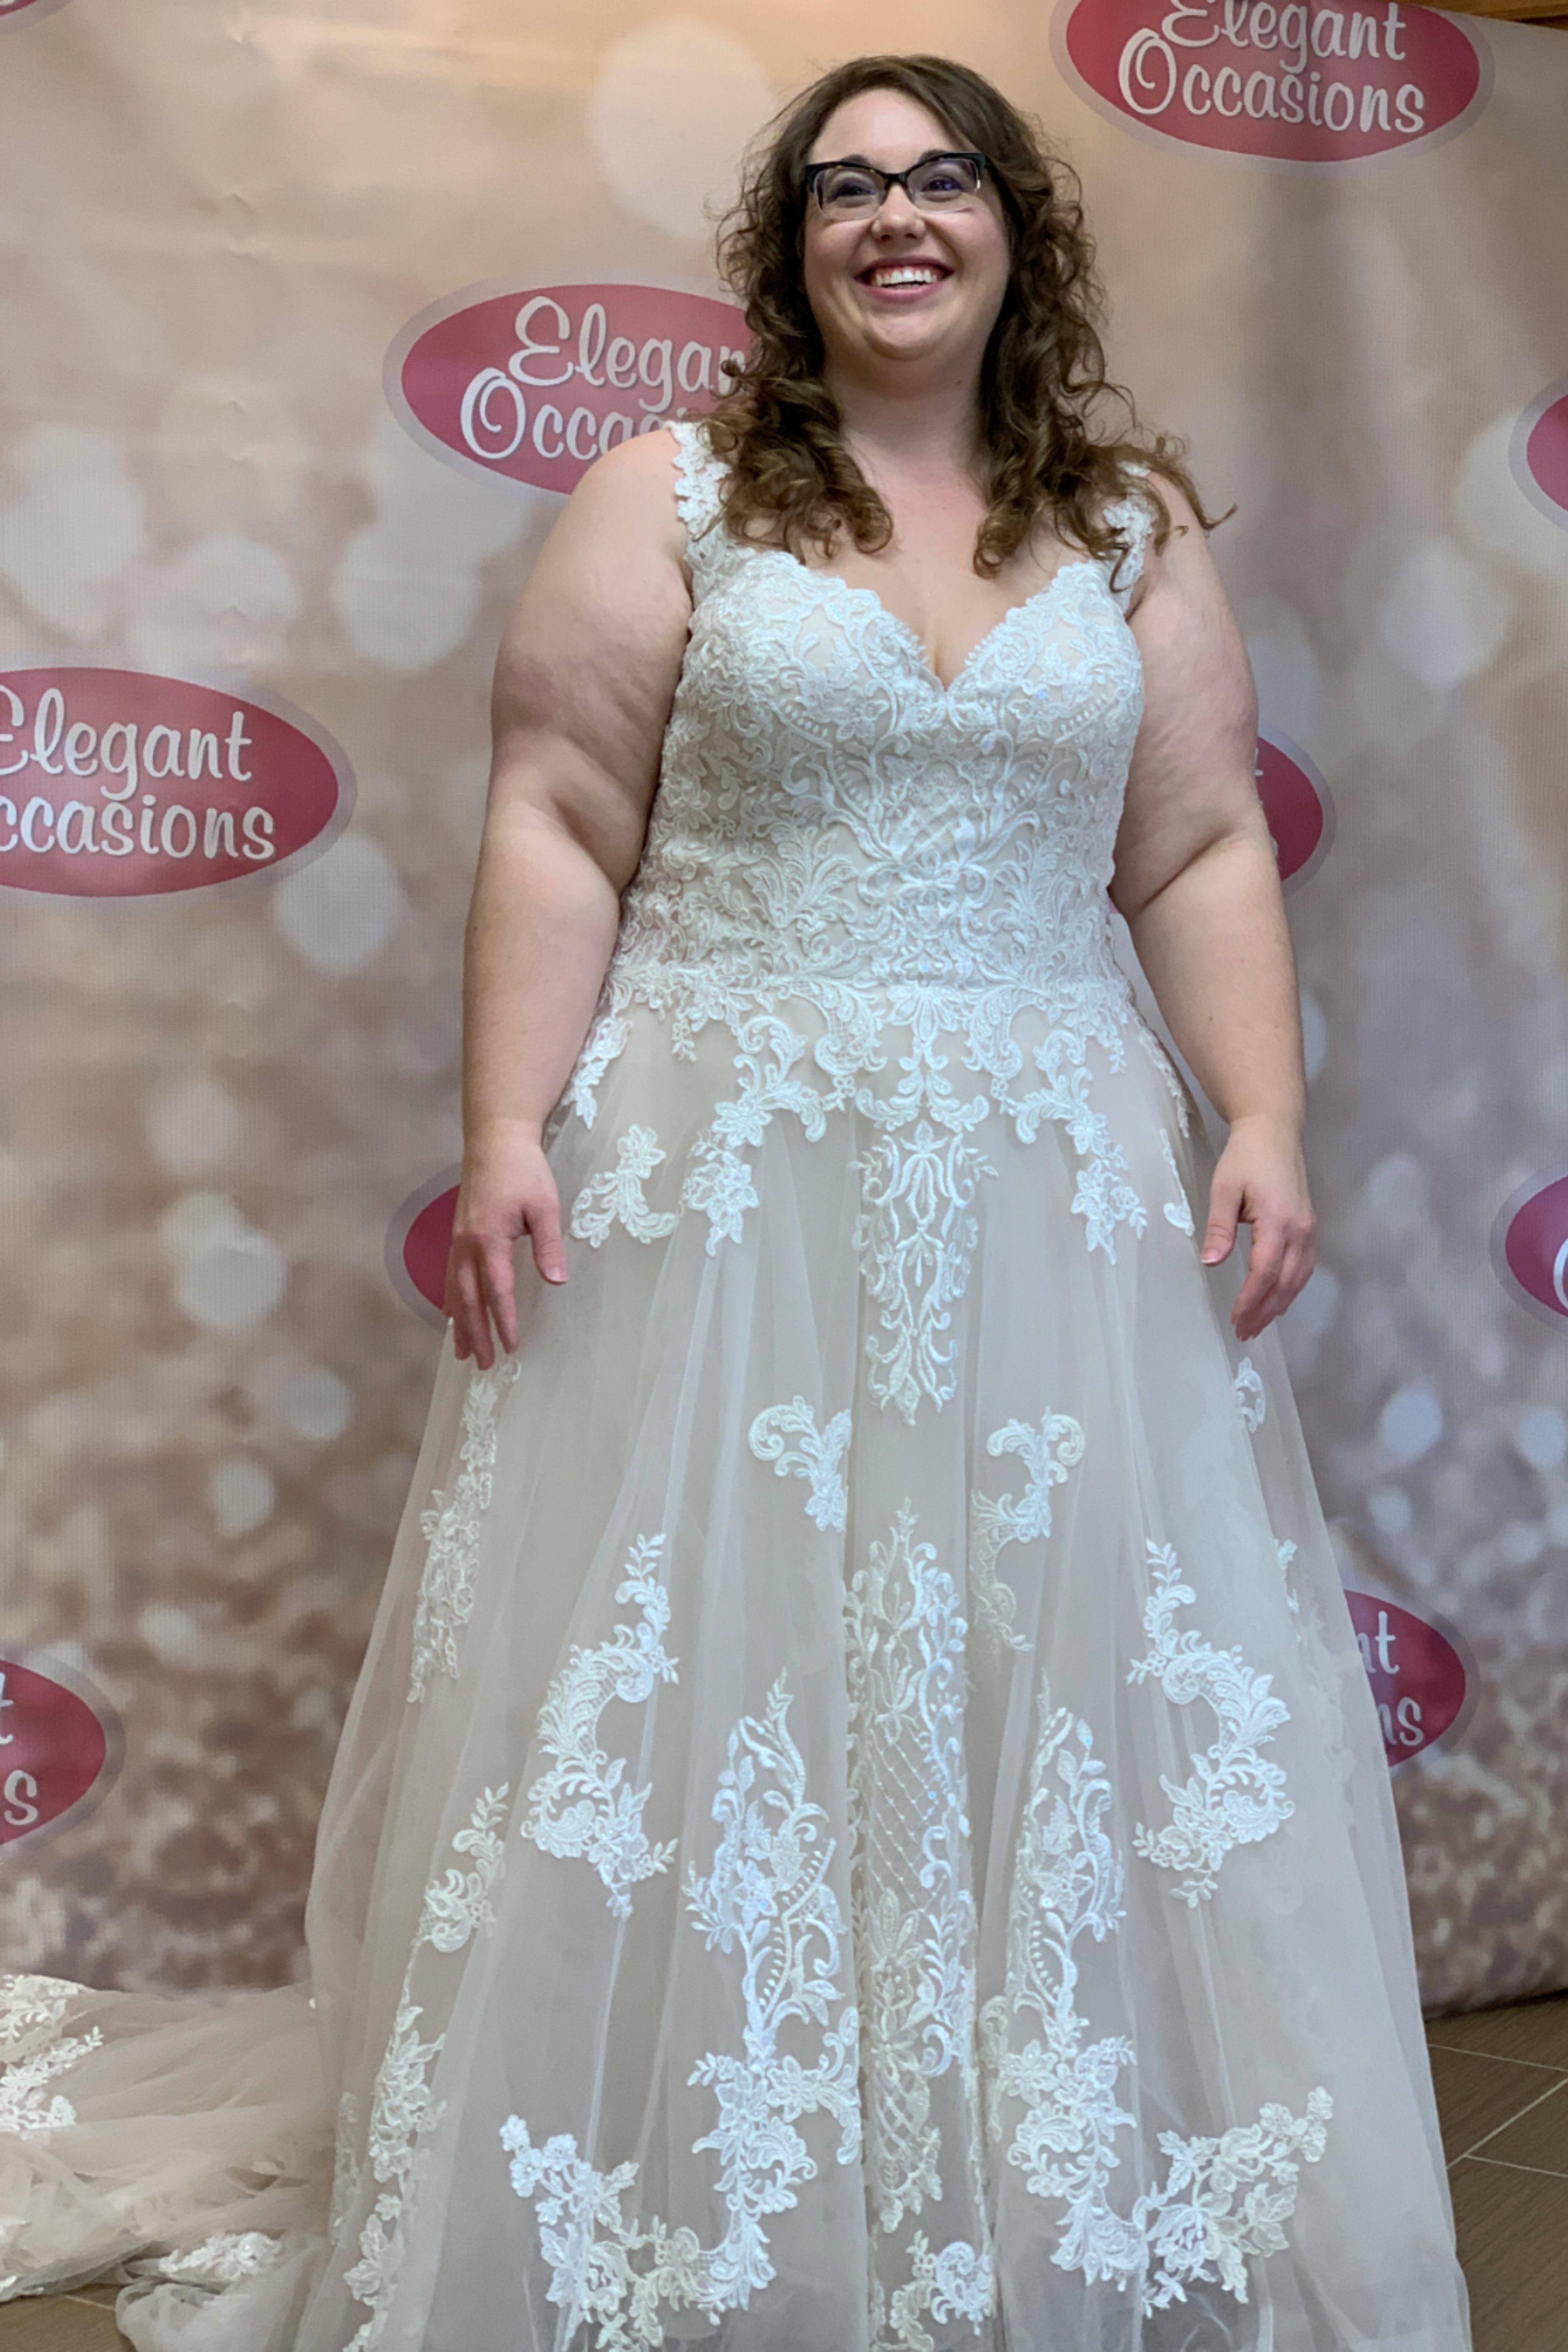 43+ Sweetheart neckline wedding dress plus size ideas in 2021